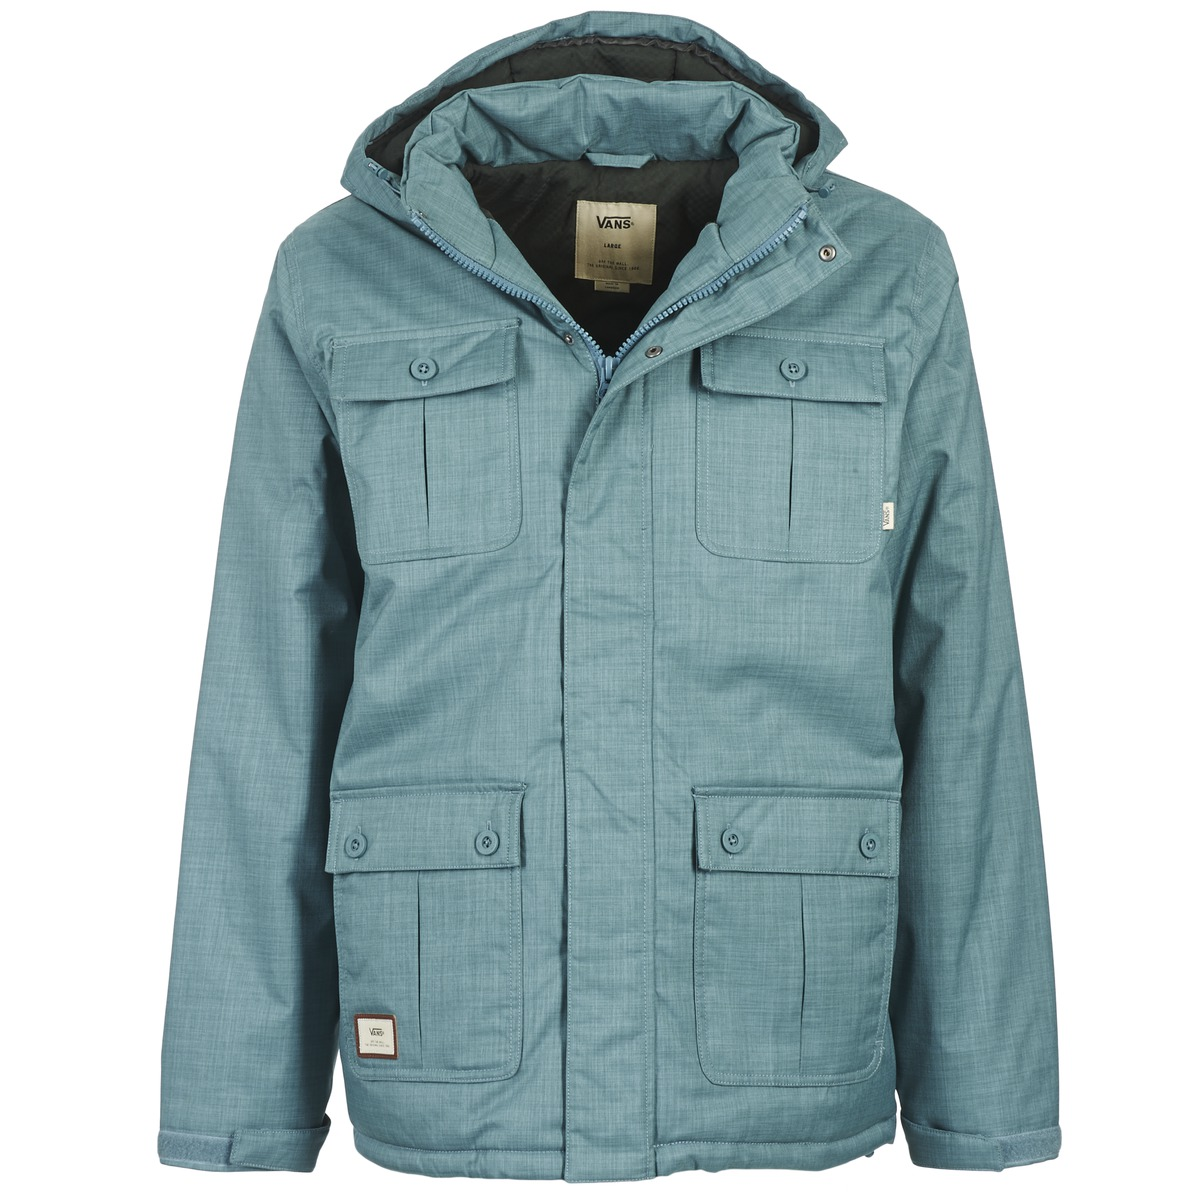 Куртка Mixter IIКуртки<br>Vans The Mixter II - это осенняя куртка из 100% полиэстера, с четыремя карманами и подкладкой из 100% полиэстера<br><br>Цвет: Синий<br>Размер INT: M<br>Материал: 100% полиэстер Подкладка 100% полиэстер, наполнитель100% полиэстер<br>Пол: Men